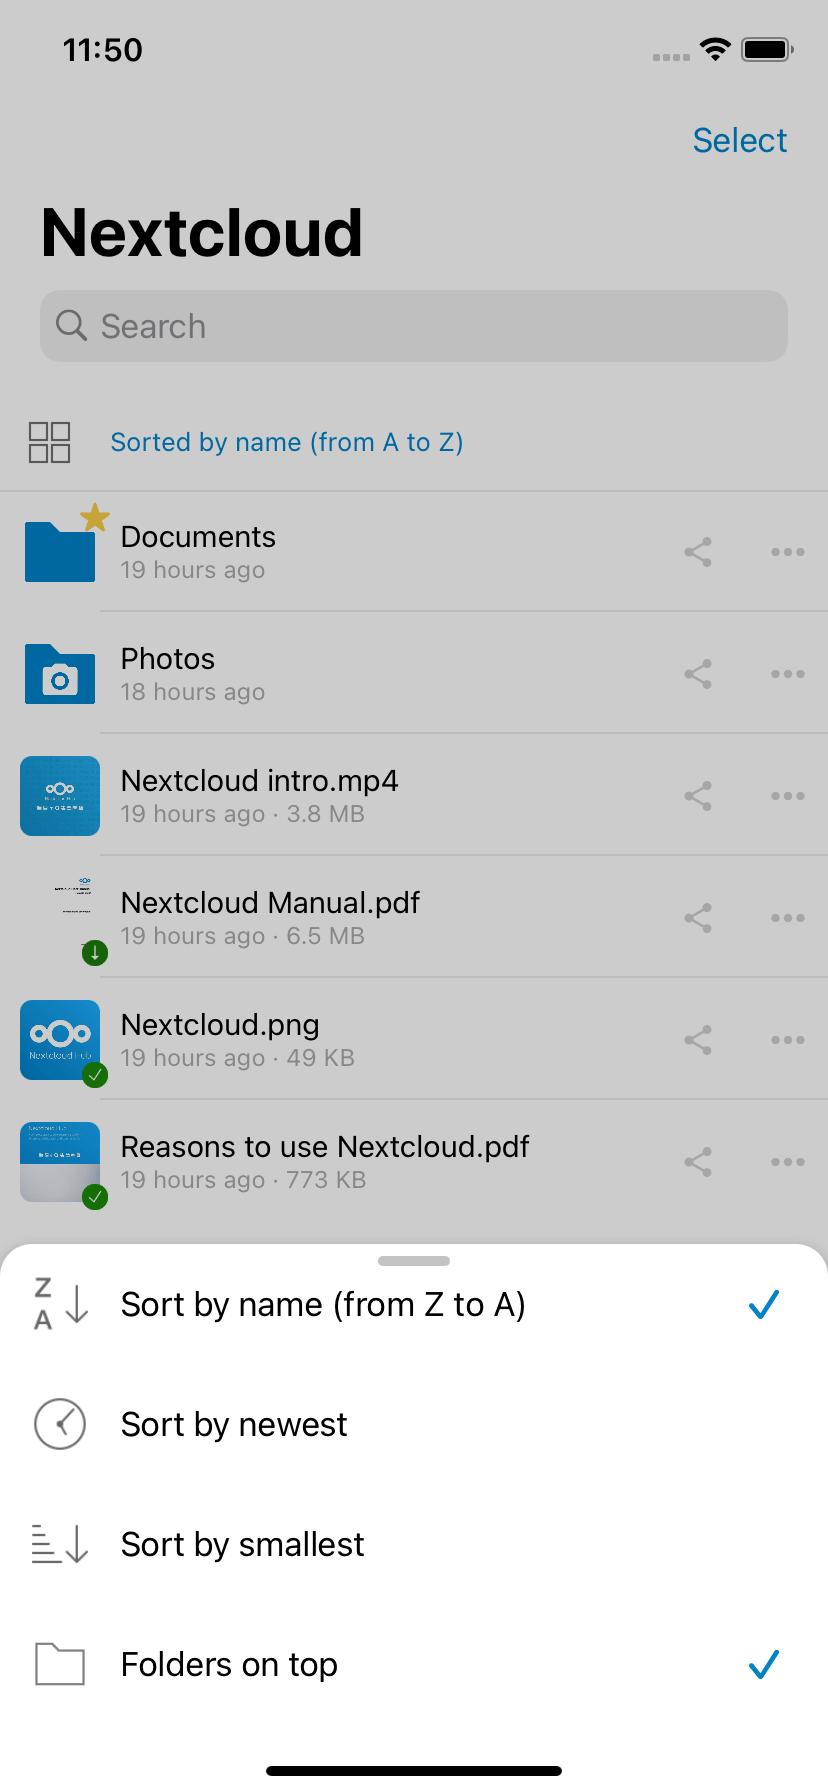 sort files